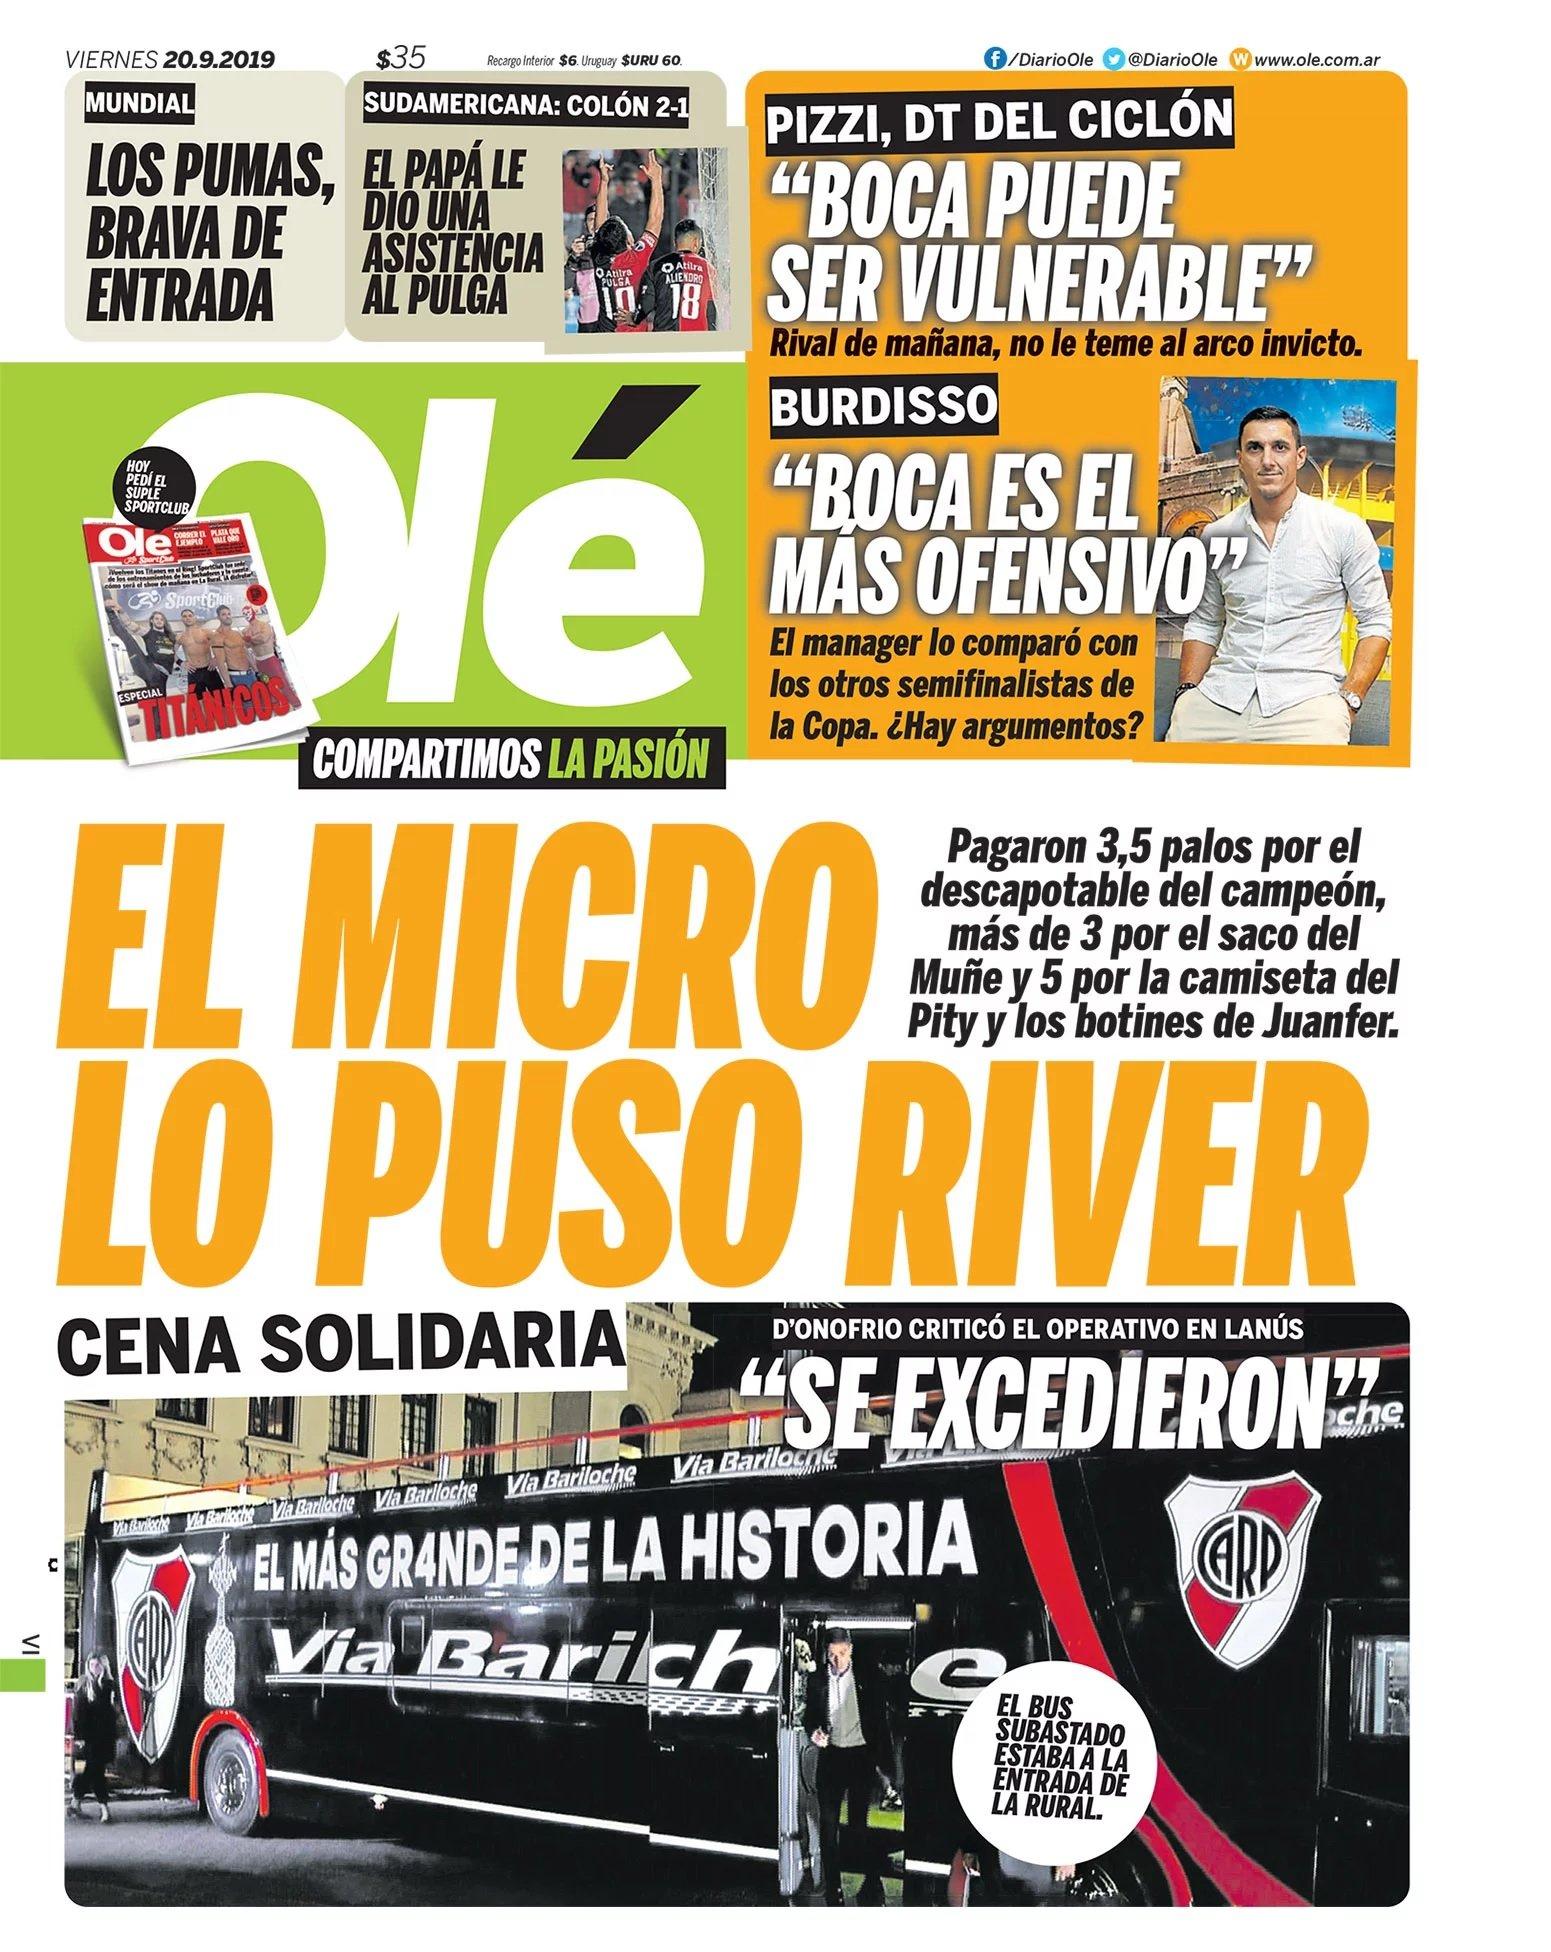 EL MICRO LO PUSO #RIVER #LaTapaDeOle | Viernes 20 de septiembre https://t.co/JjWiunvZPA